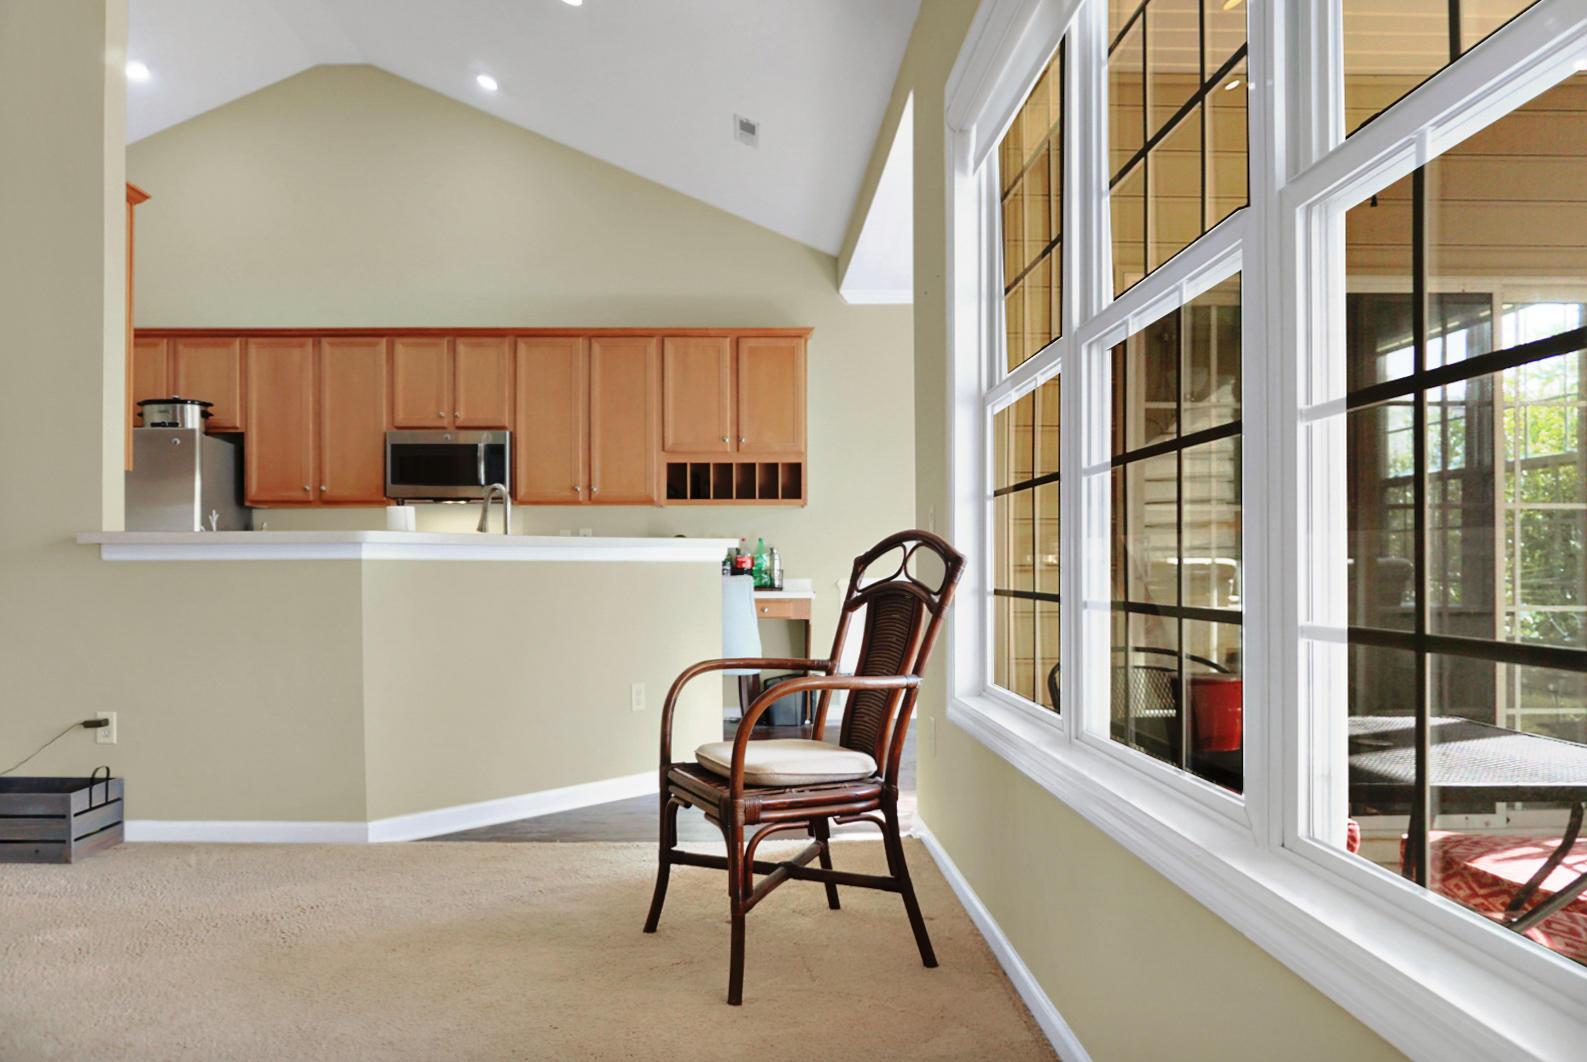 Park West Homes For Sale - 1504 Huxley, Mount Pleasant, SC - 11